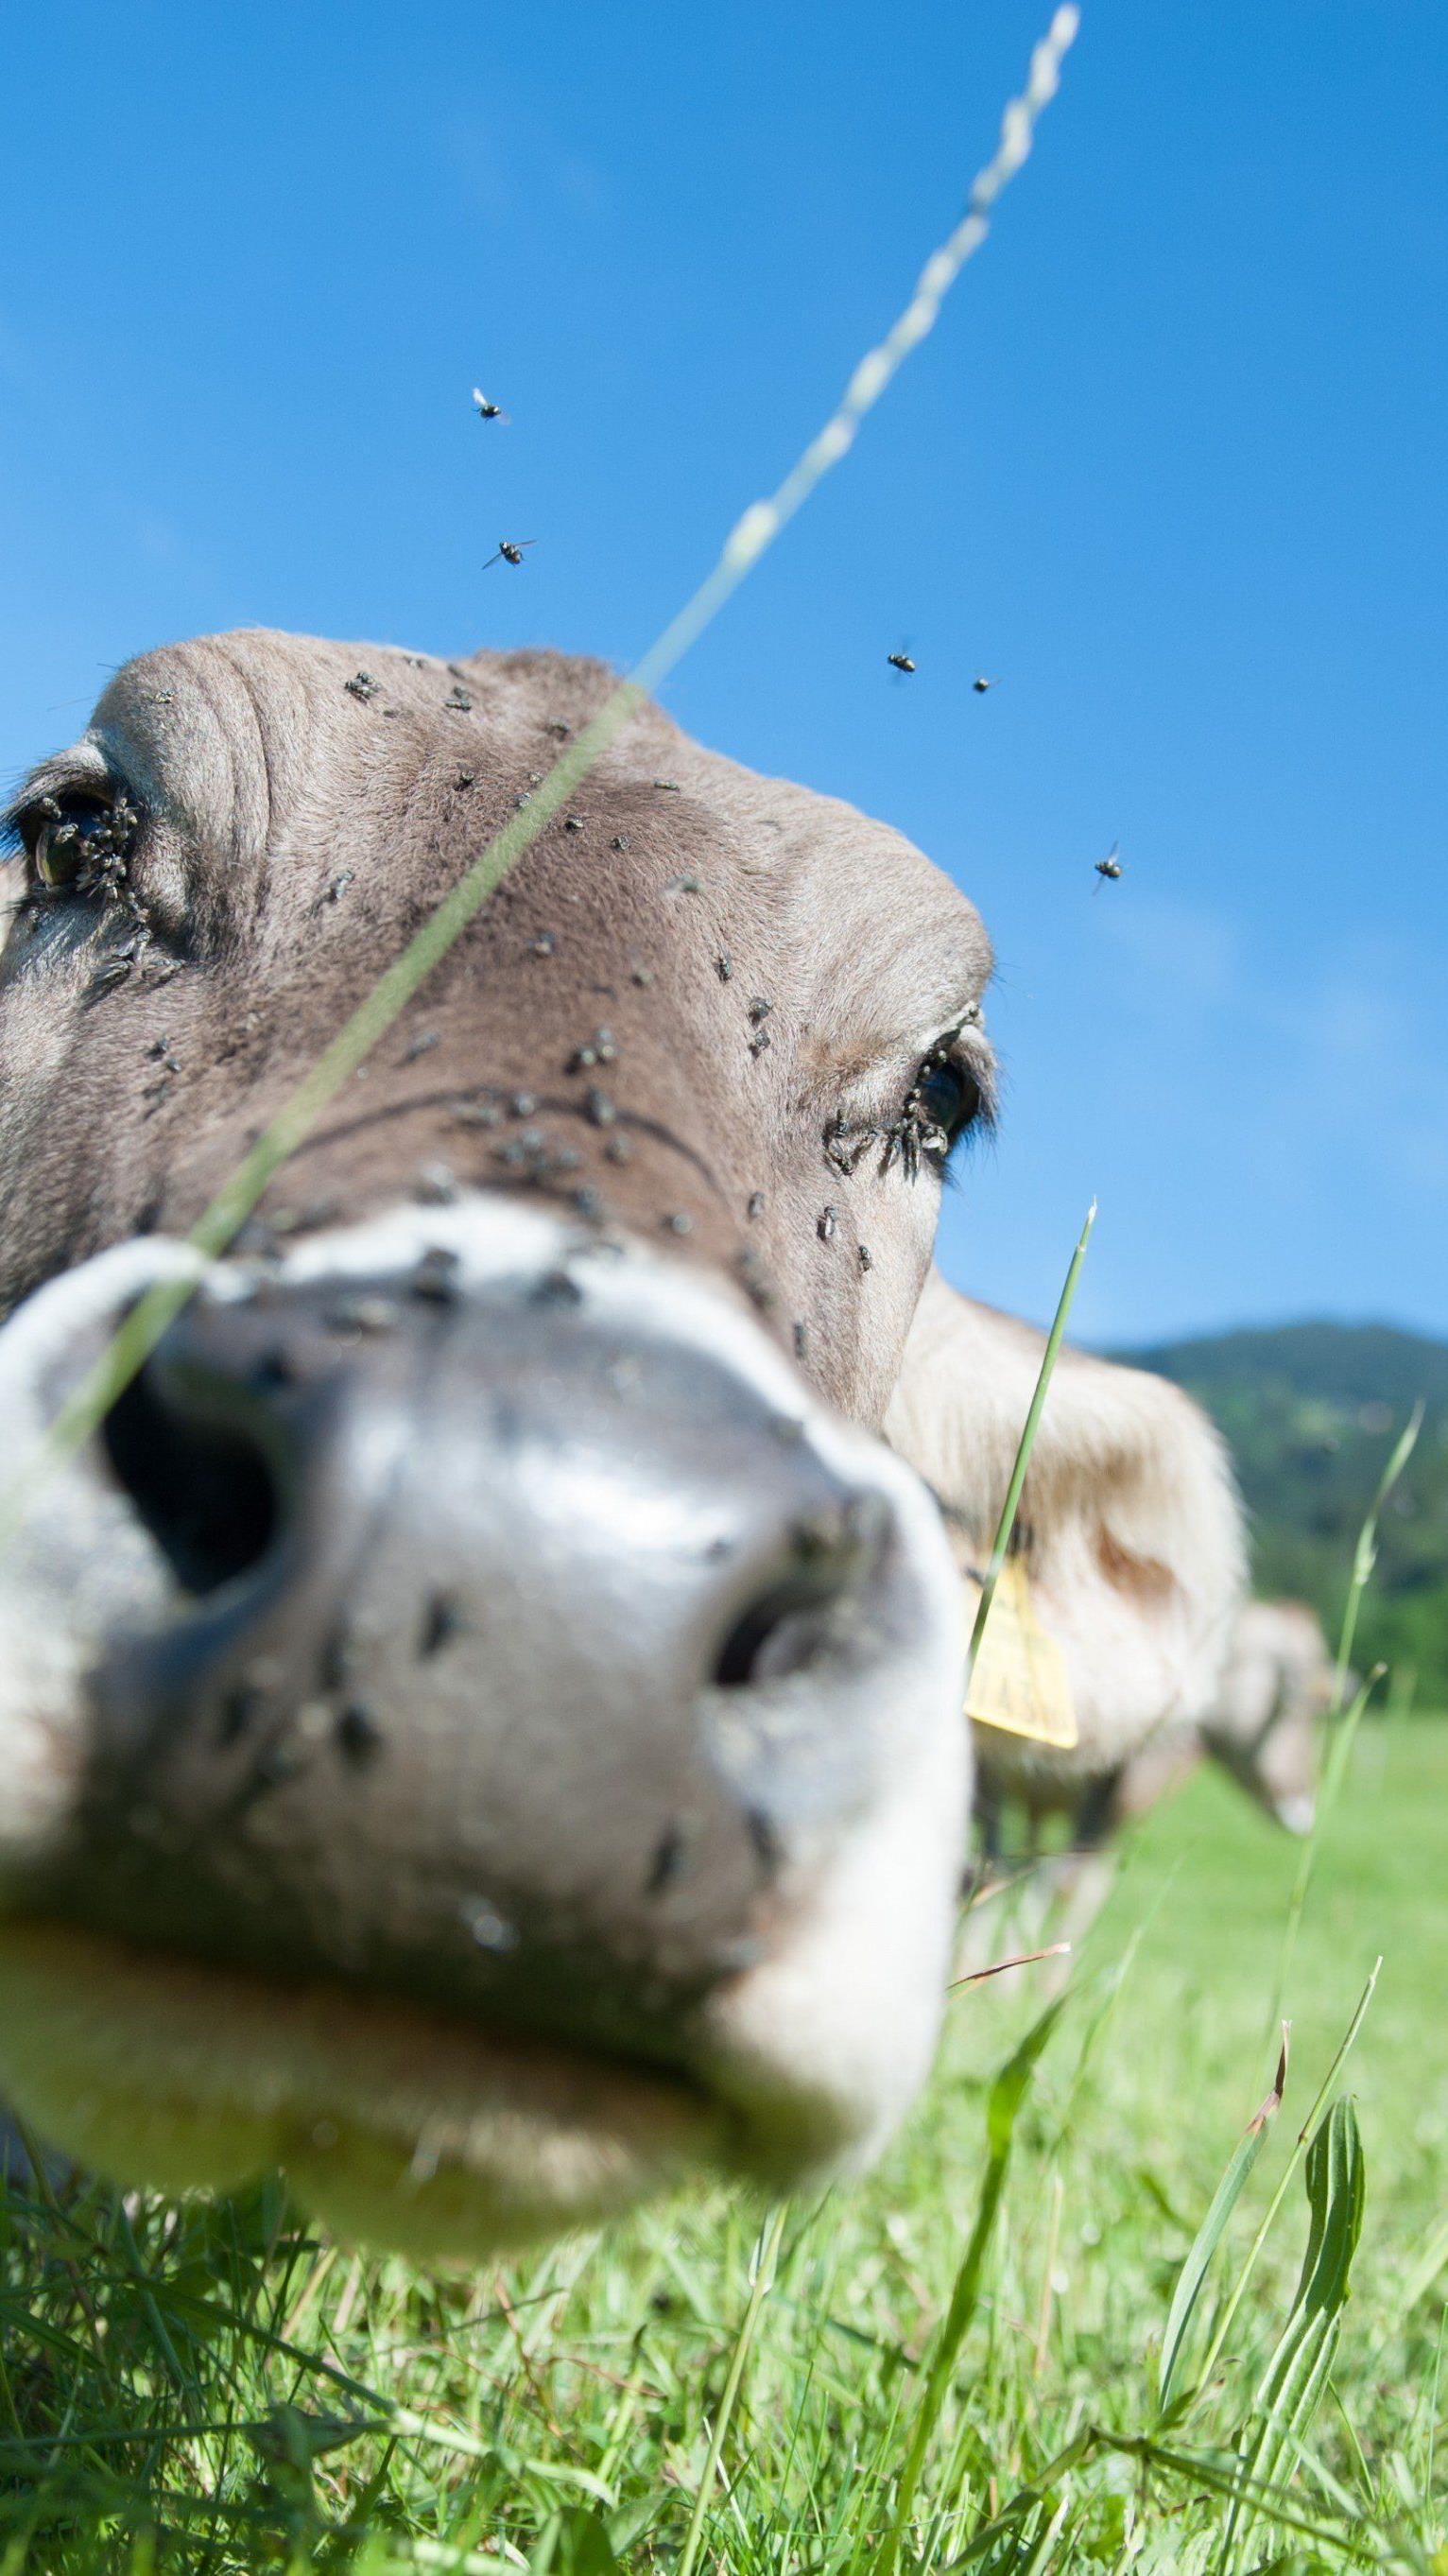 Rinder-TBC: Erste Verdachtsfälle im Rahmen flächendeckender Tests in Vorarlberg